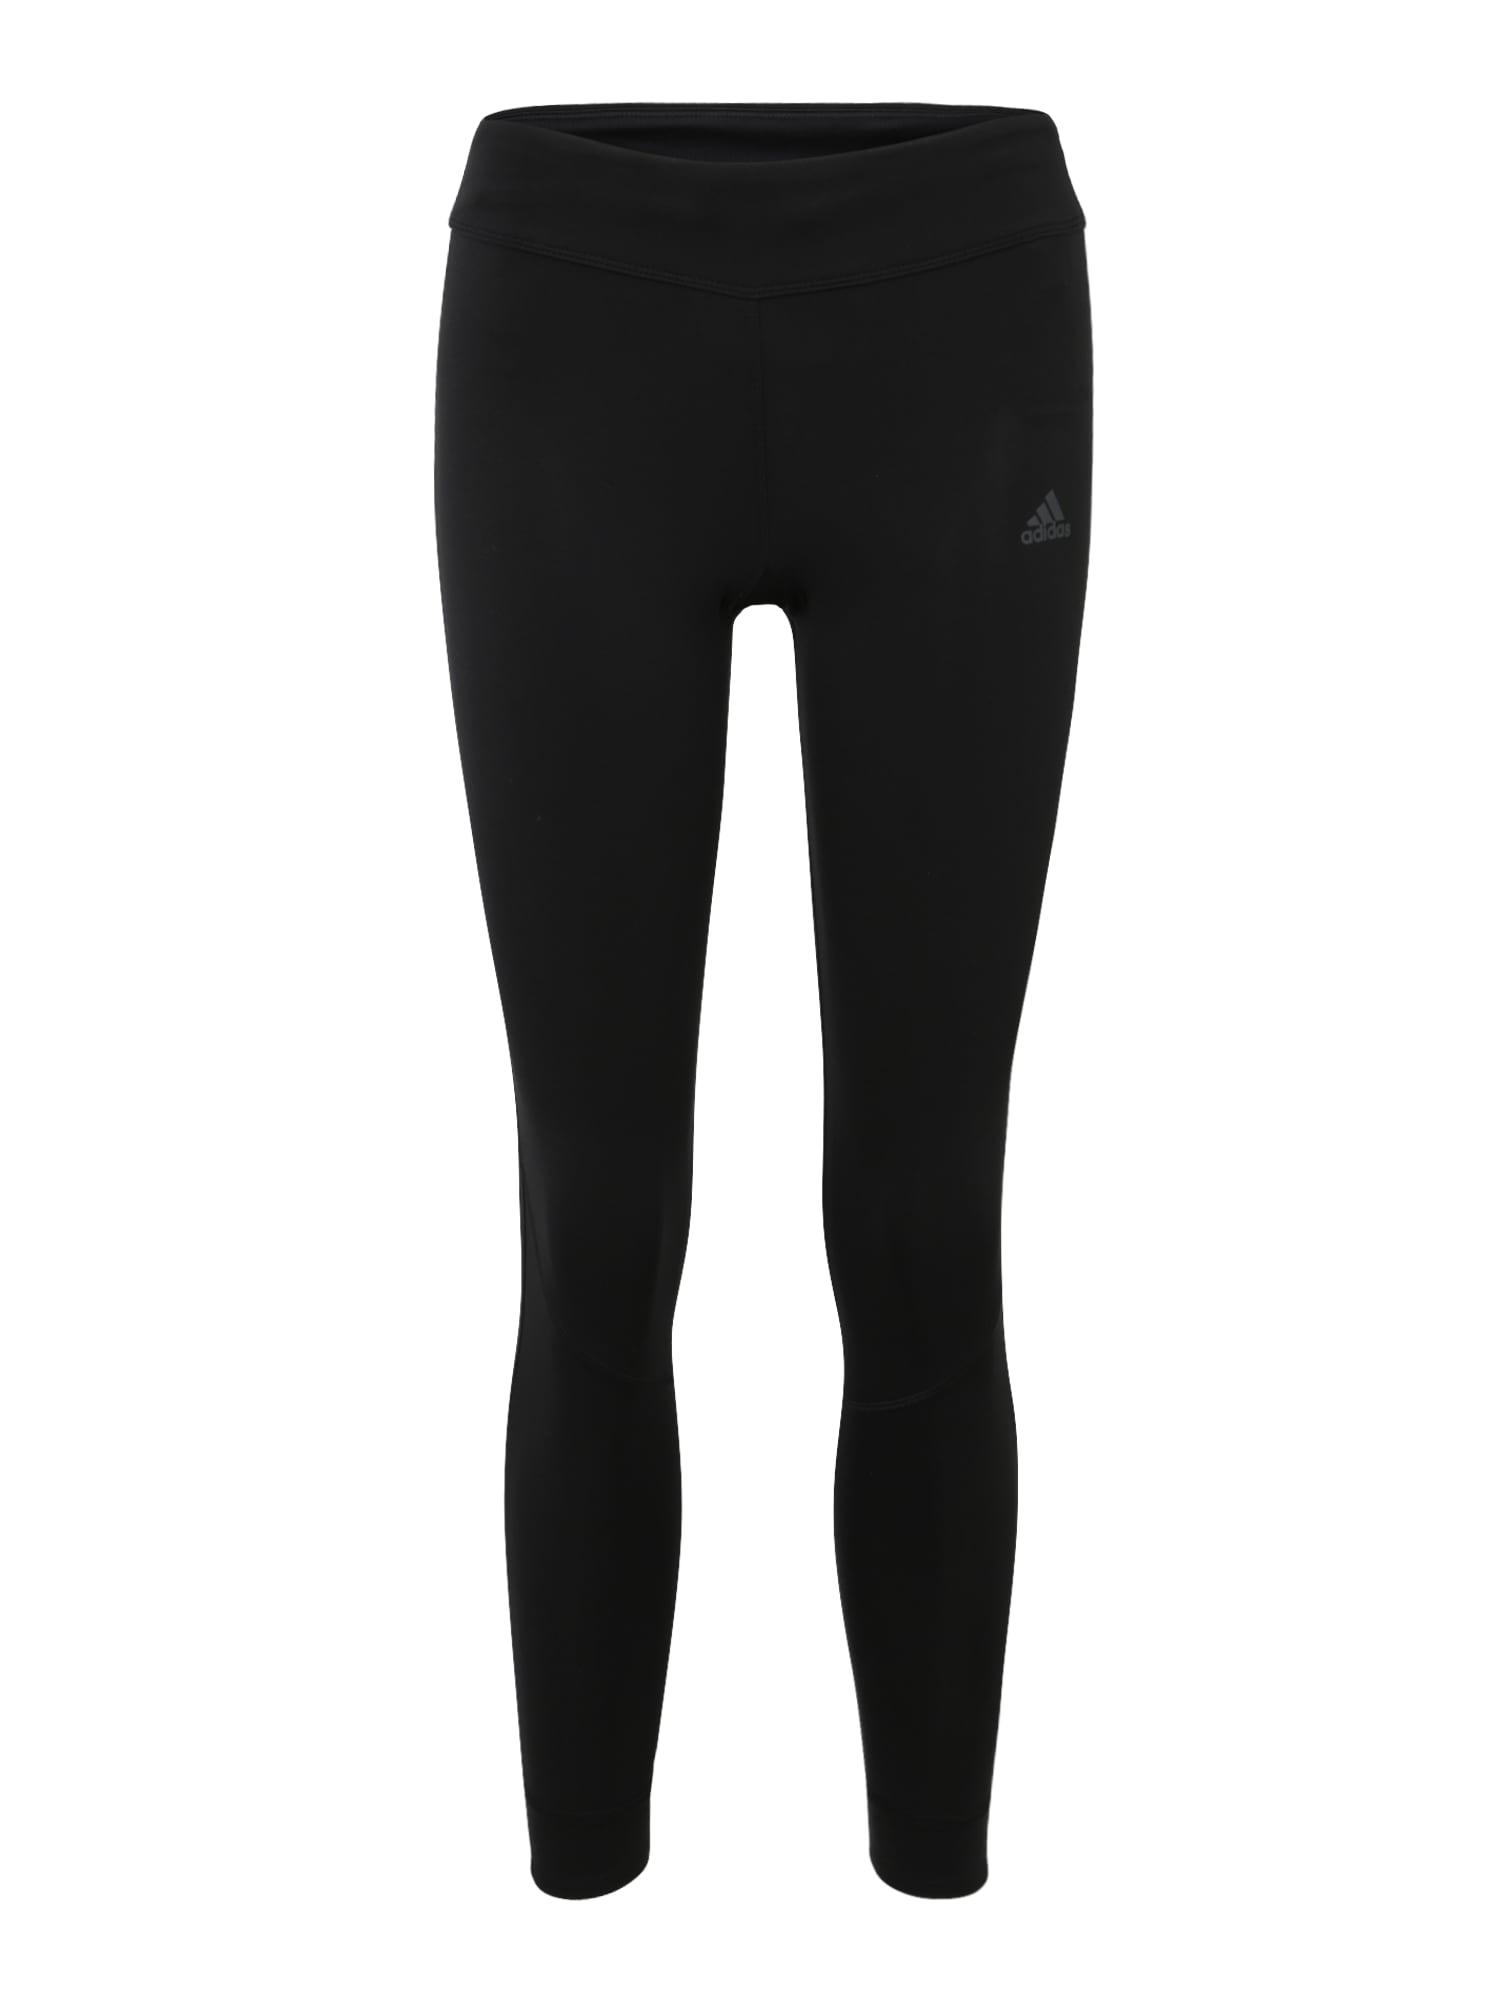 ADIDAS PERFORMANCE Sportinės kelnės 'Own the Run' juoda